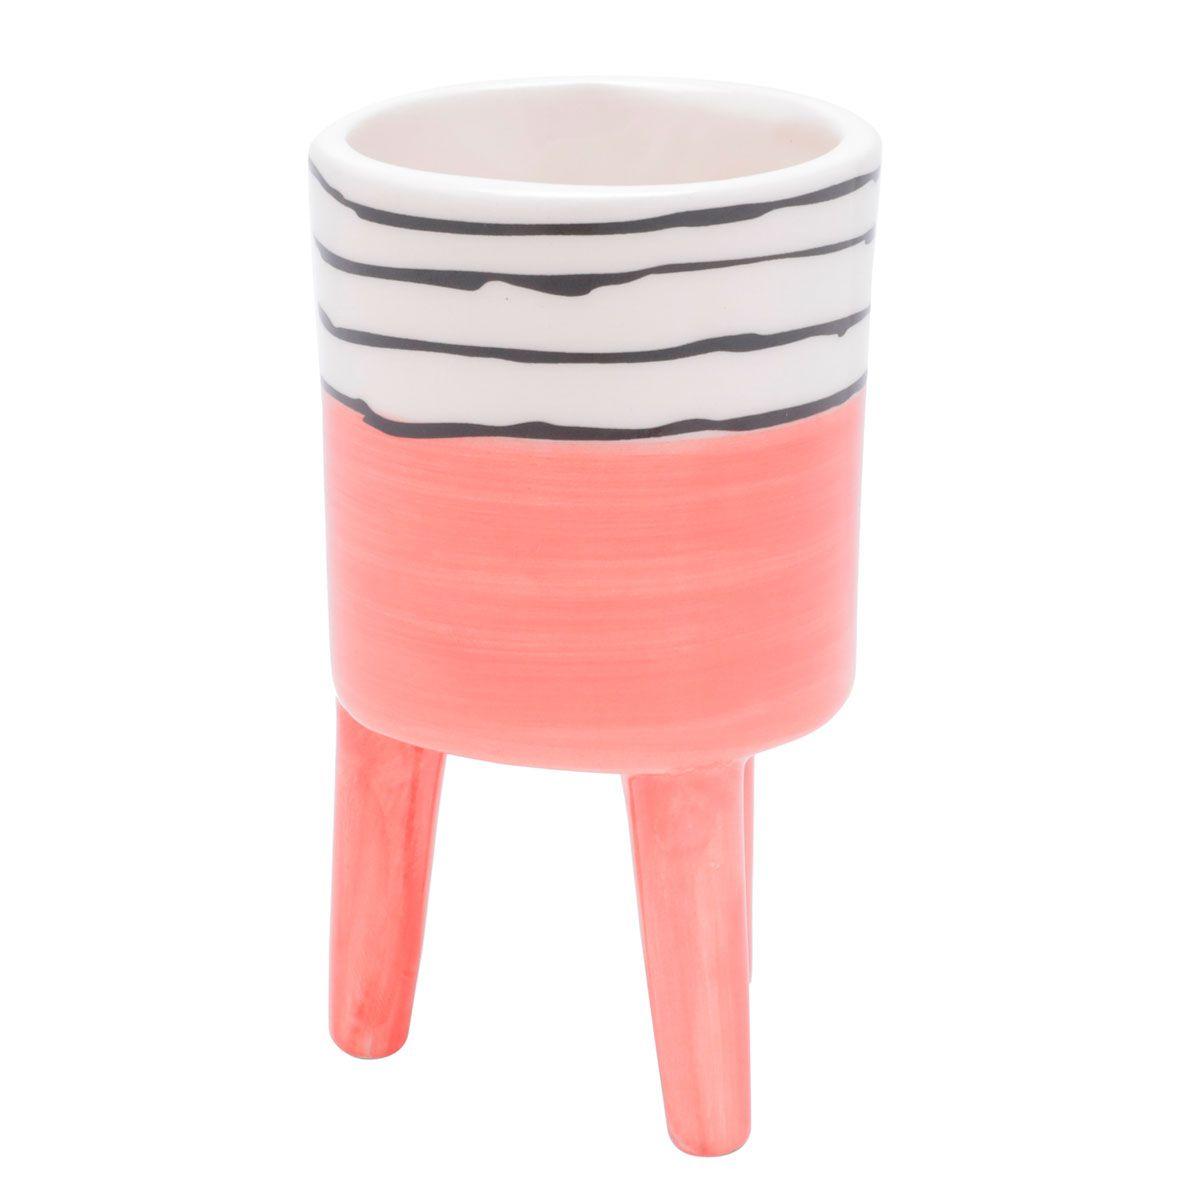 Cachepot Vaso Decorativo de Cerâmica Bright Colors Salmão Pequeno